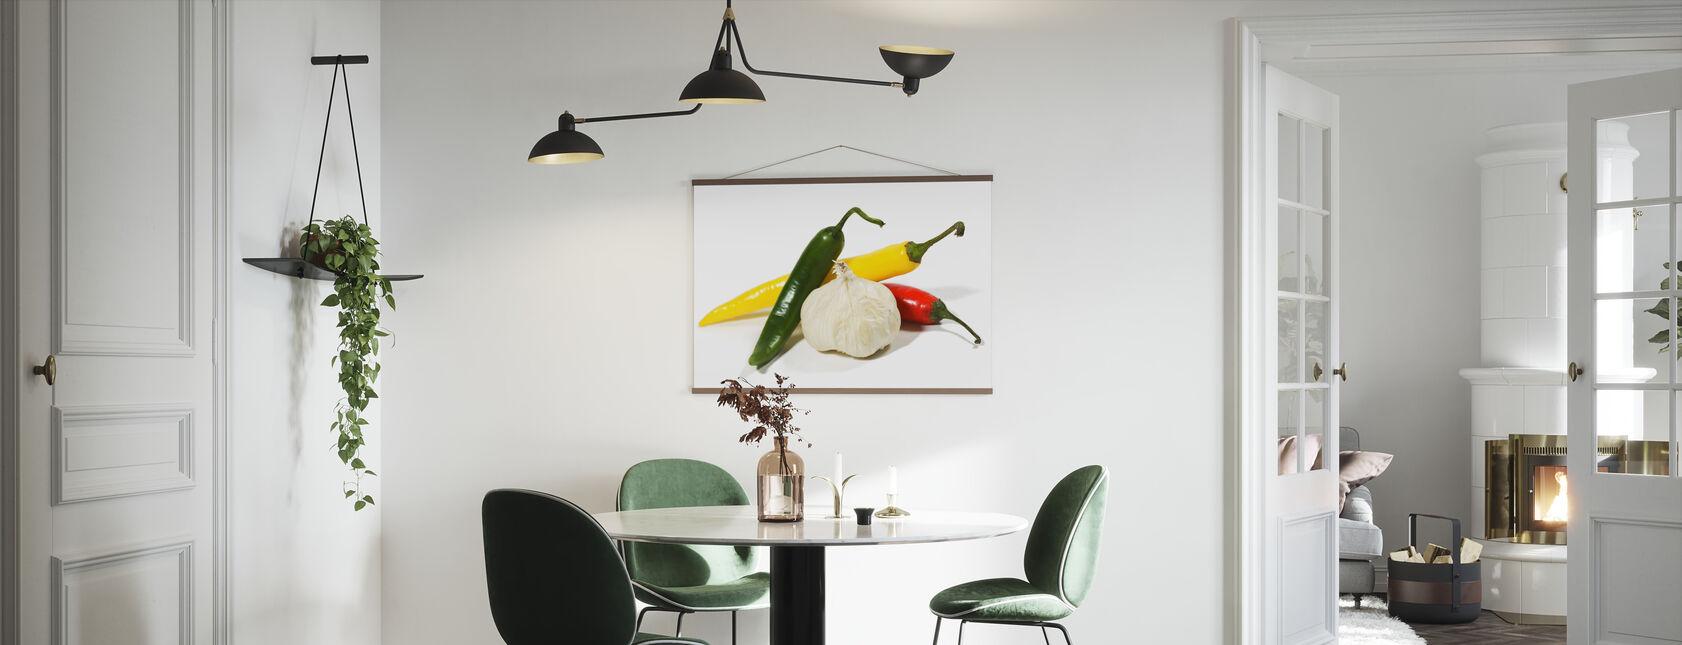 Jalapeño and Garlic - Poster - Kitchen